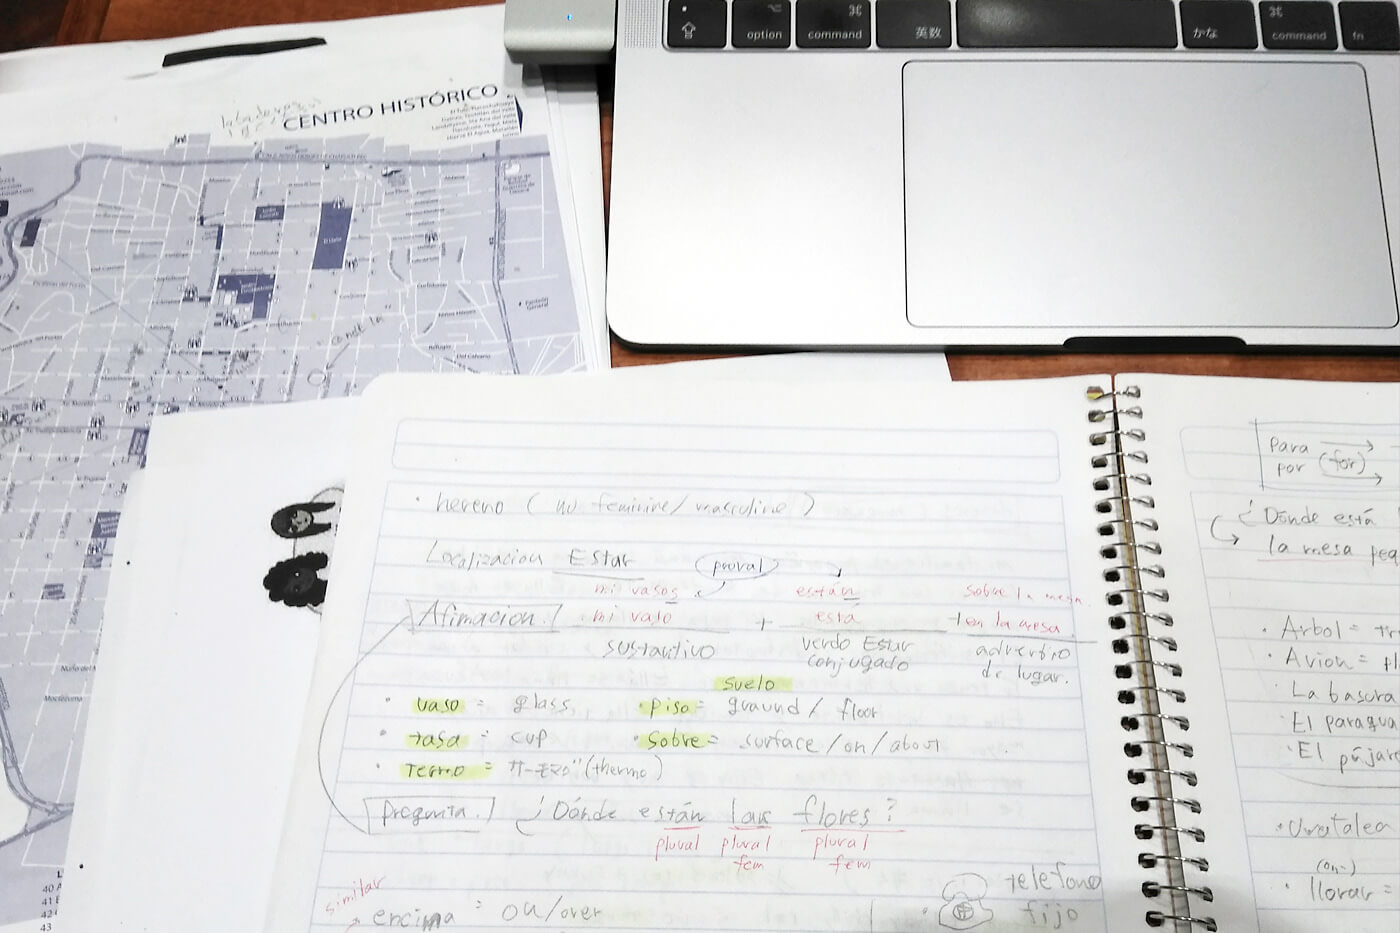 ノートとオンラインのリソースを駆使して午後は図書館で復習